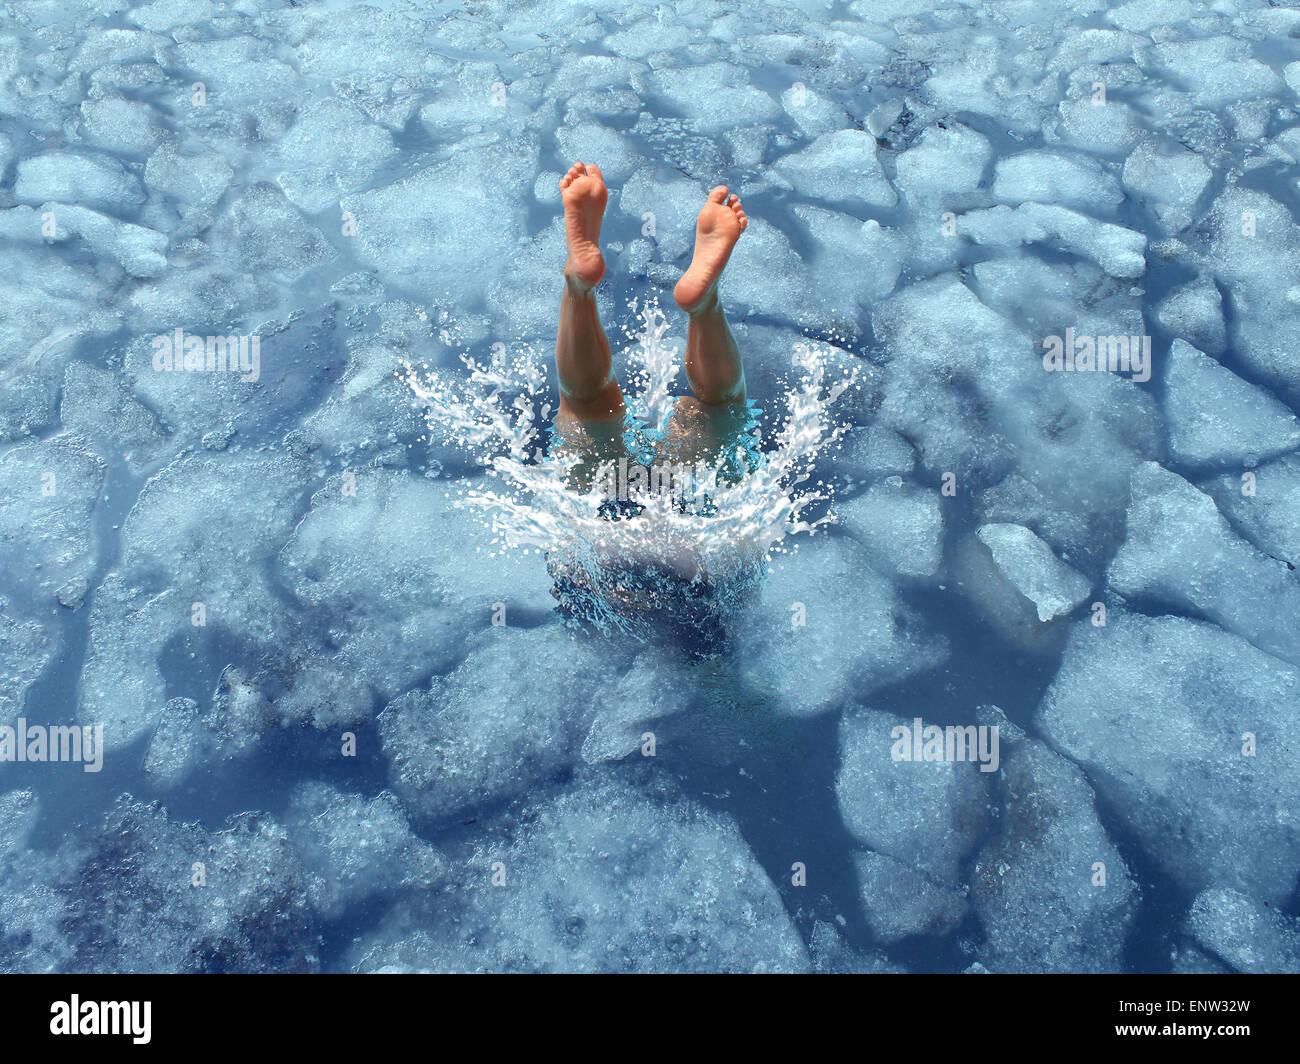 Refroidir et rafraîchir concept comme un plongeur de plonger dans l'eau gelée que comme un symbole Photo Stock